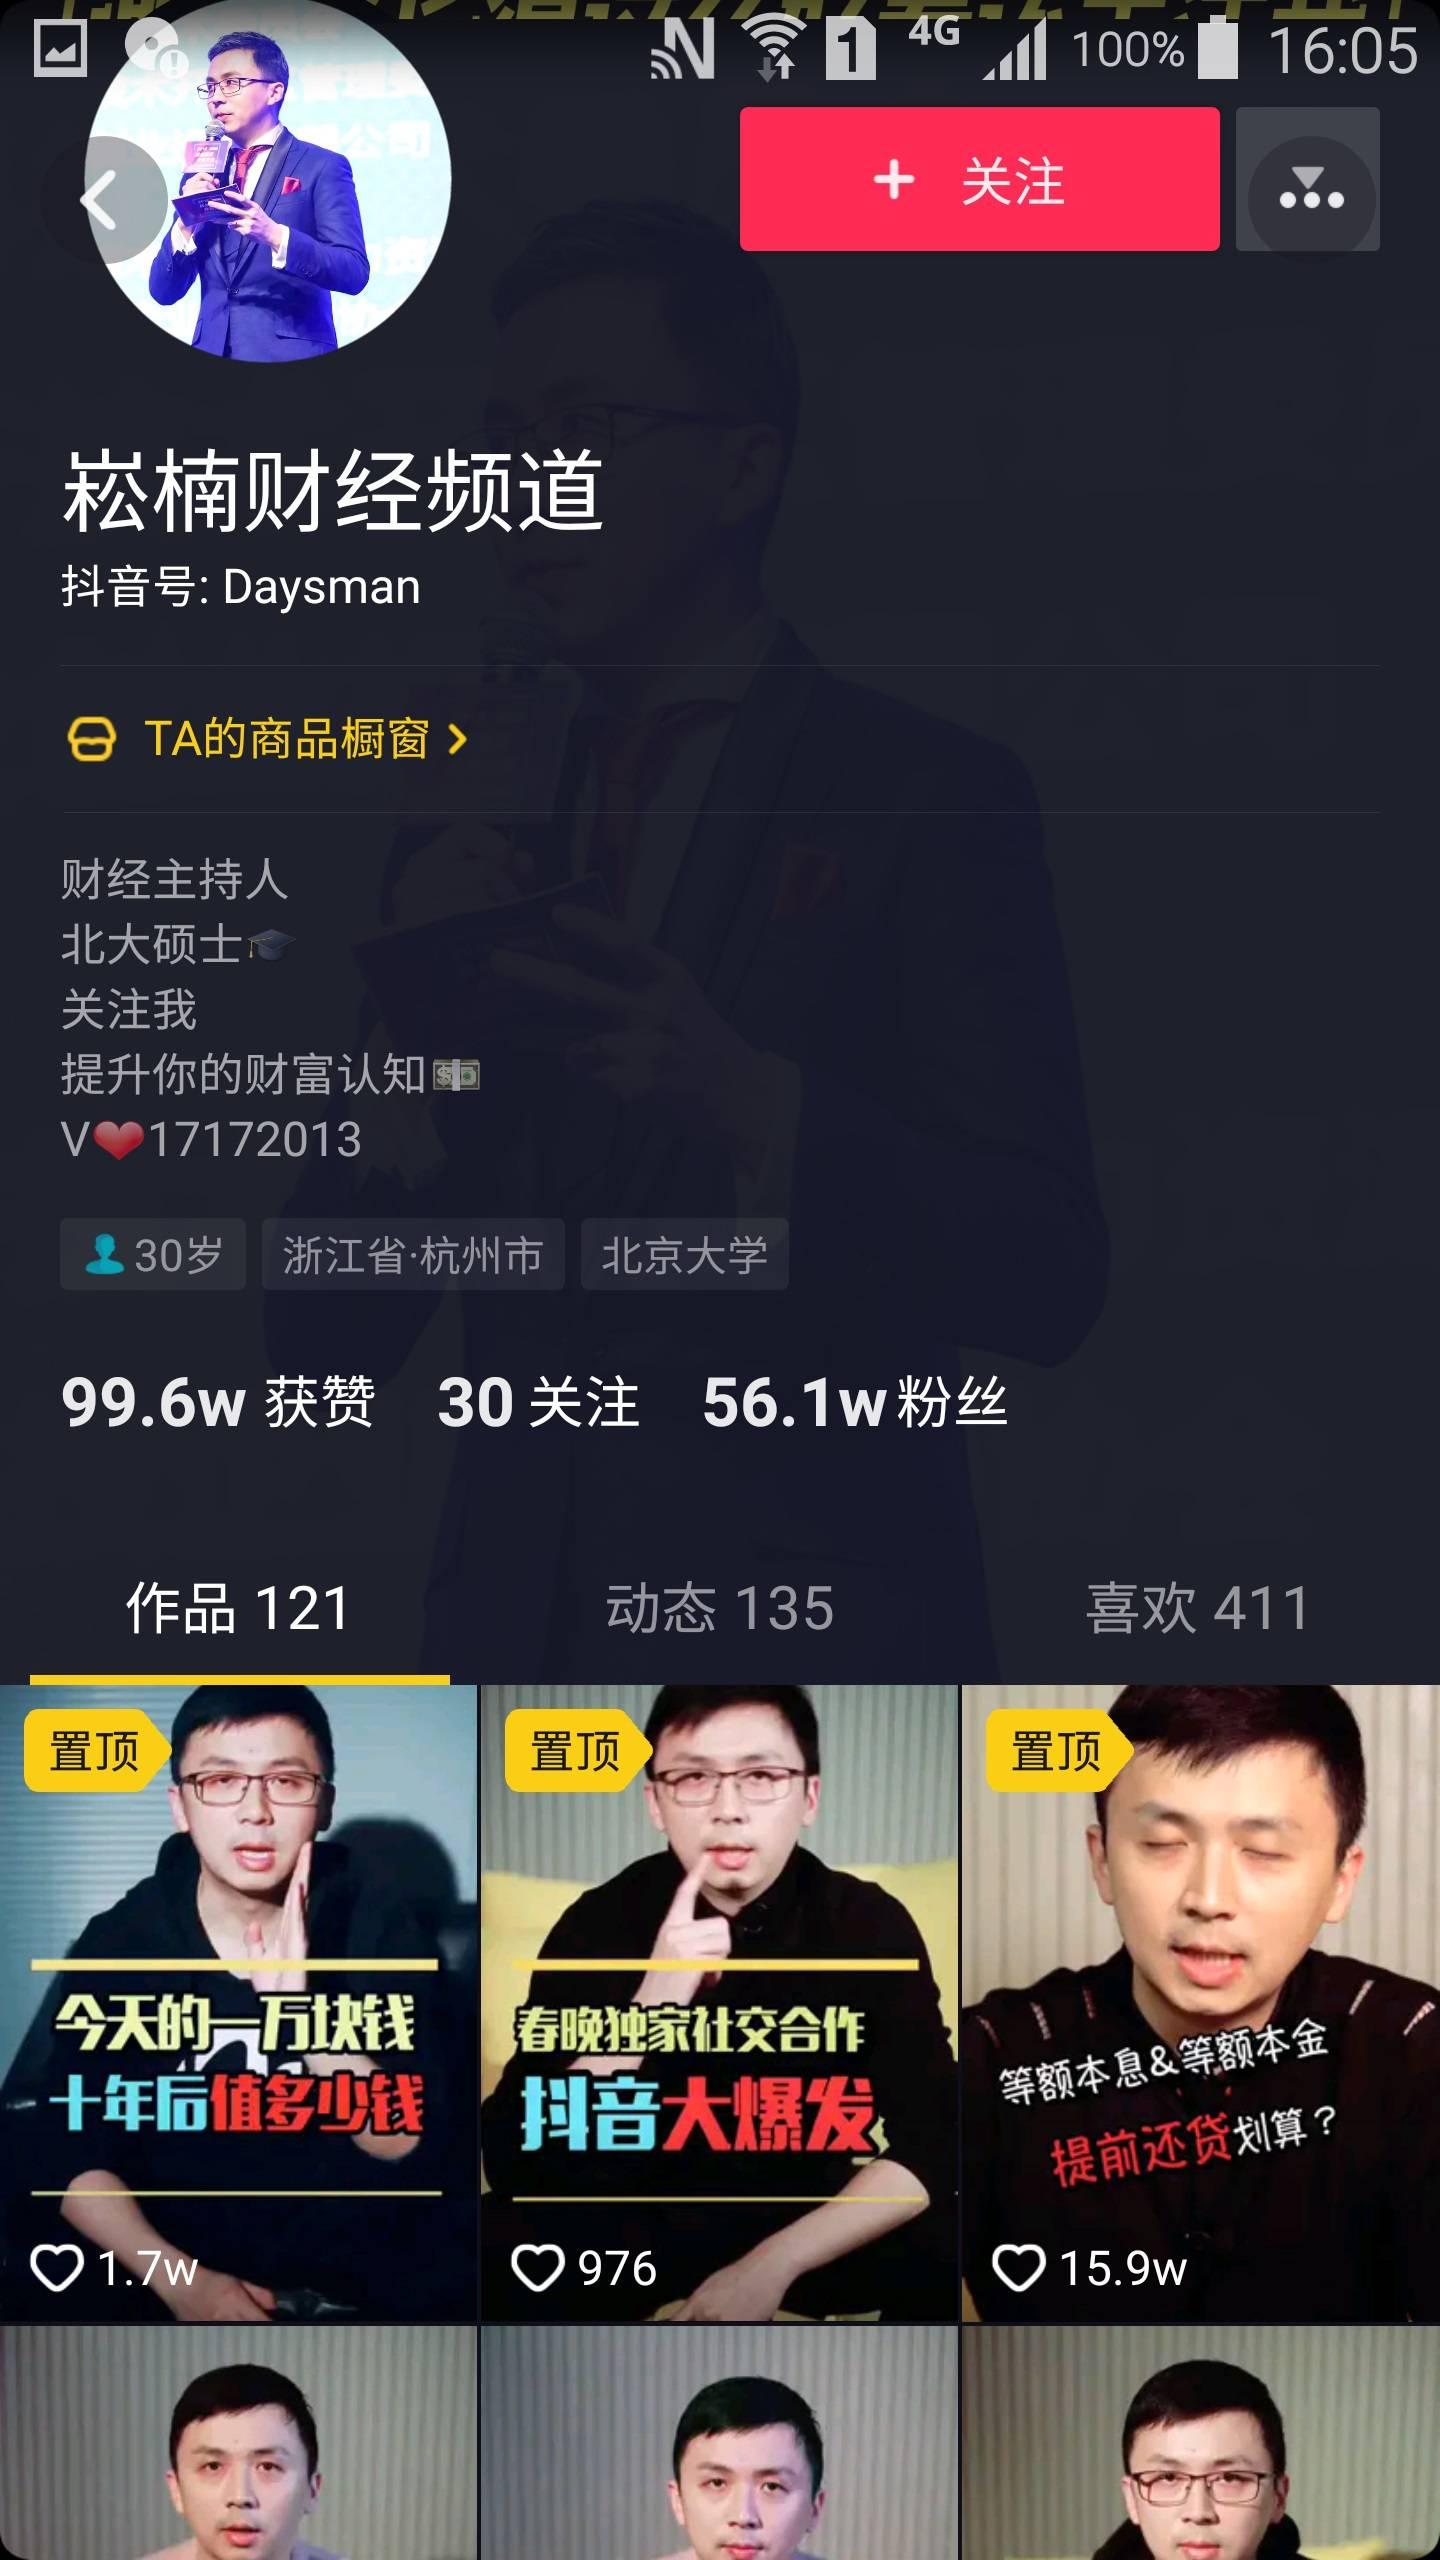 崧楠财经频道